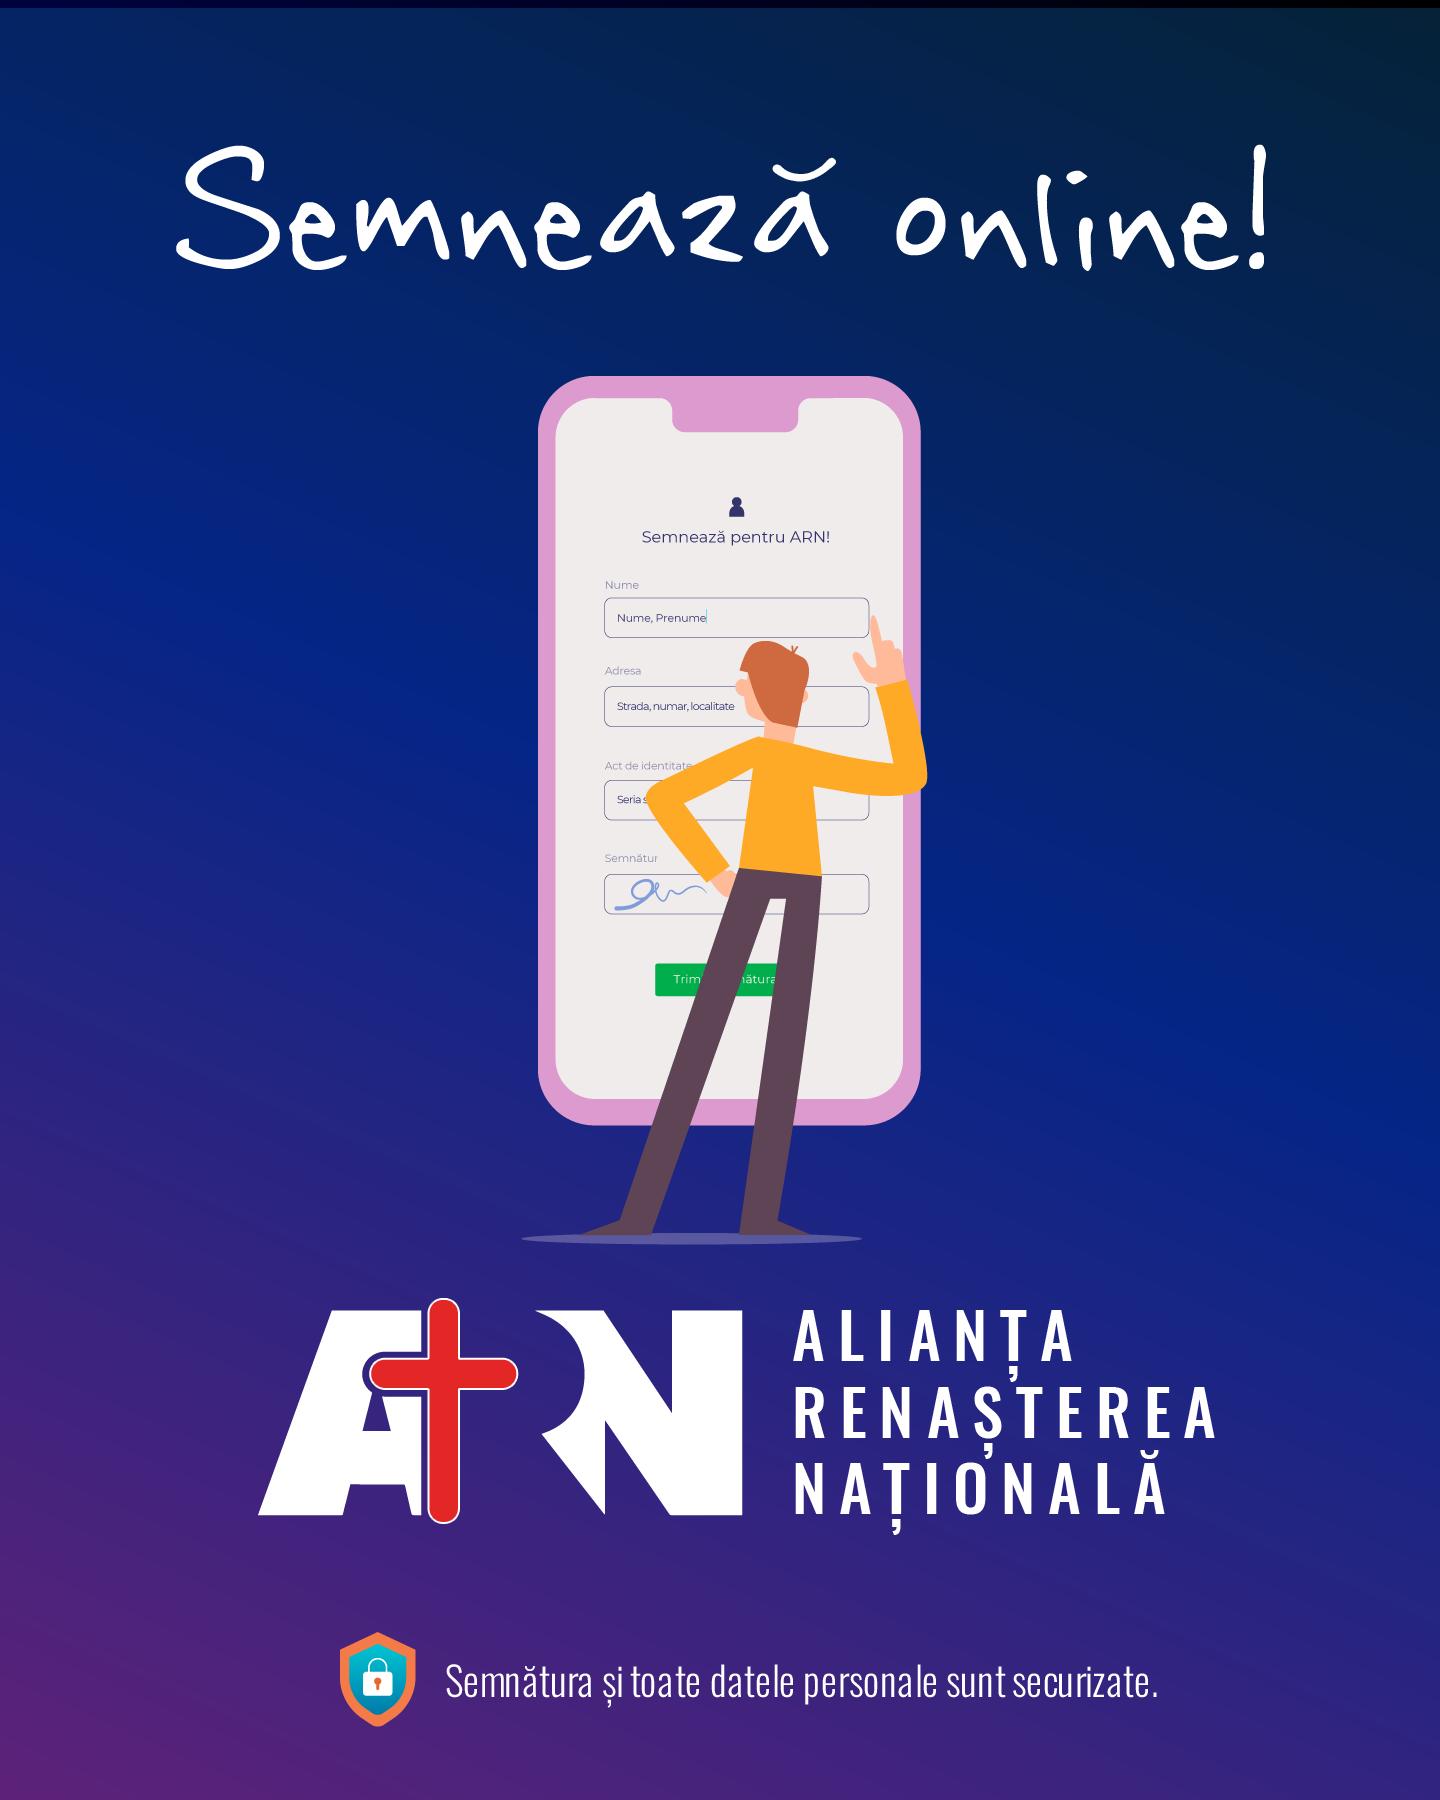 SEMNATURA SUSTINERE ALIANTA RENASTEREA NATIONALA PENTRU PARTICIPAREA LA ALEGERILE PARLAMENTARE DIN DECEMBRIE 2020